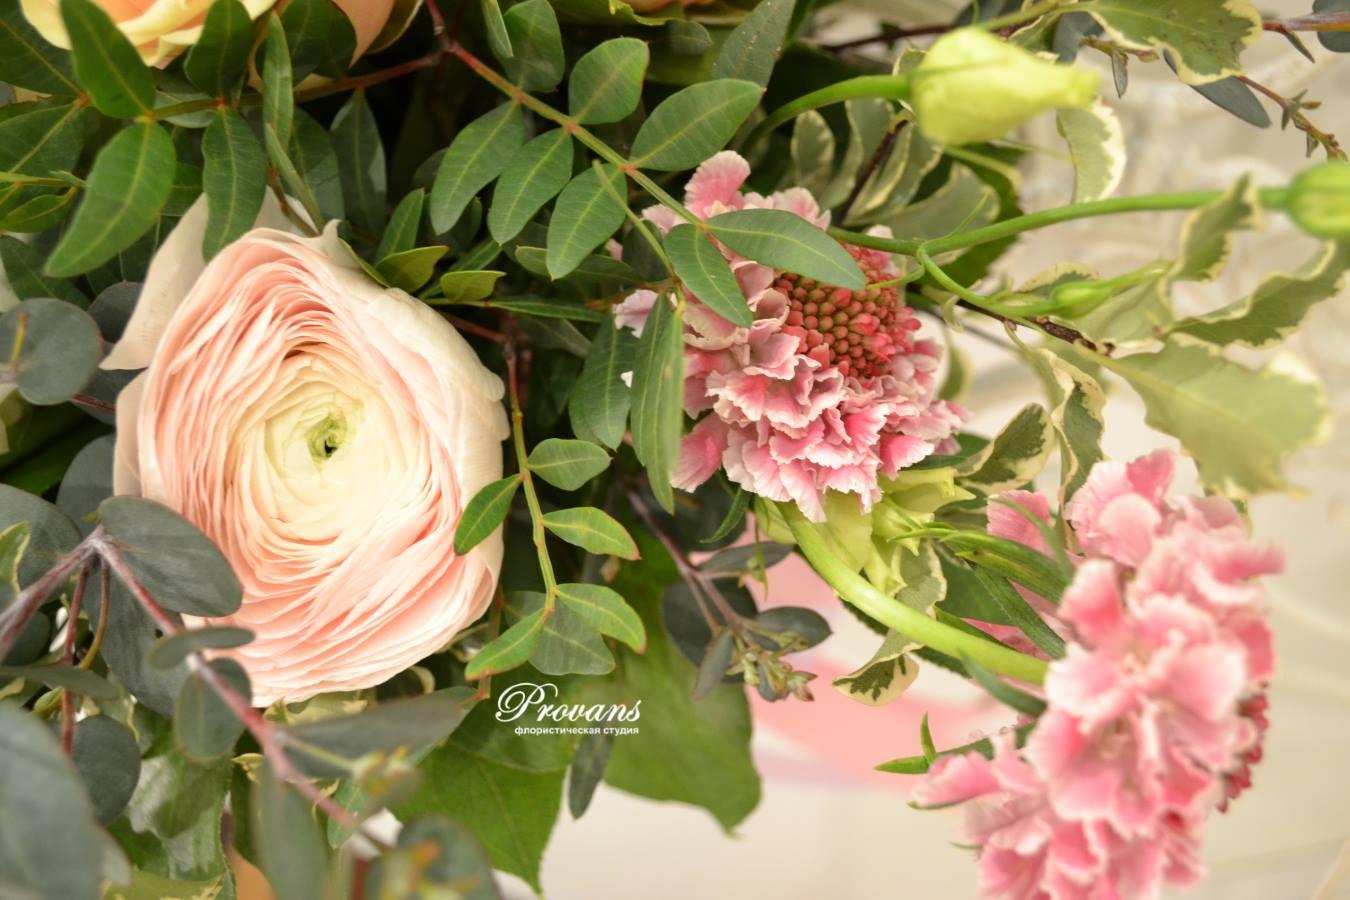 Весенний букет. Розы, лютики, анемоны, гиацинт